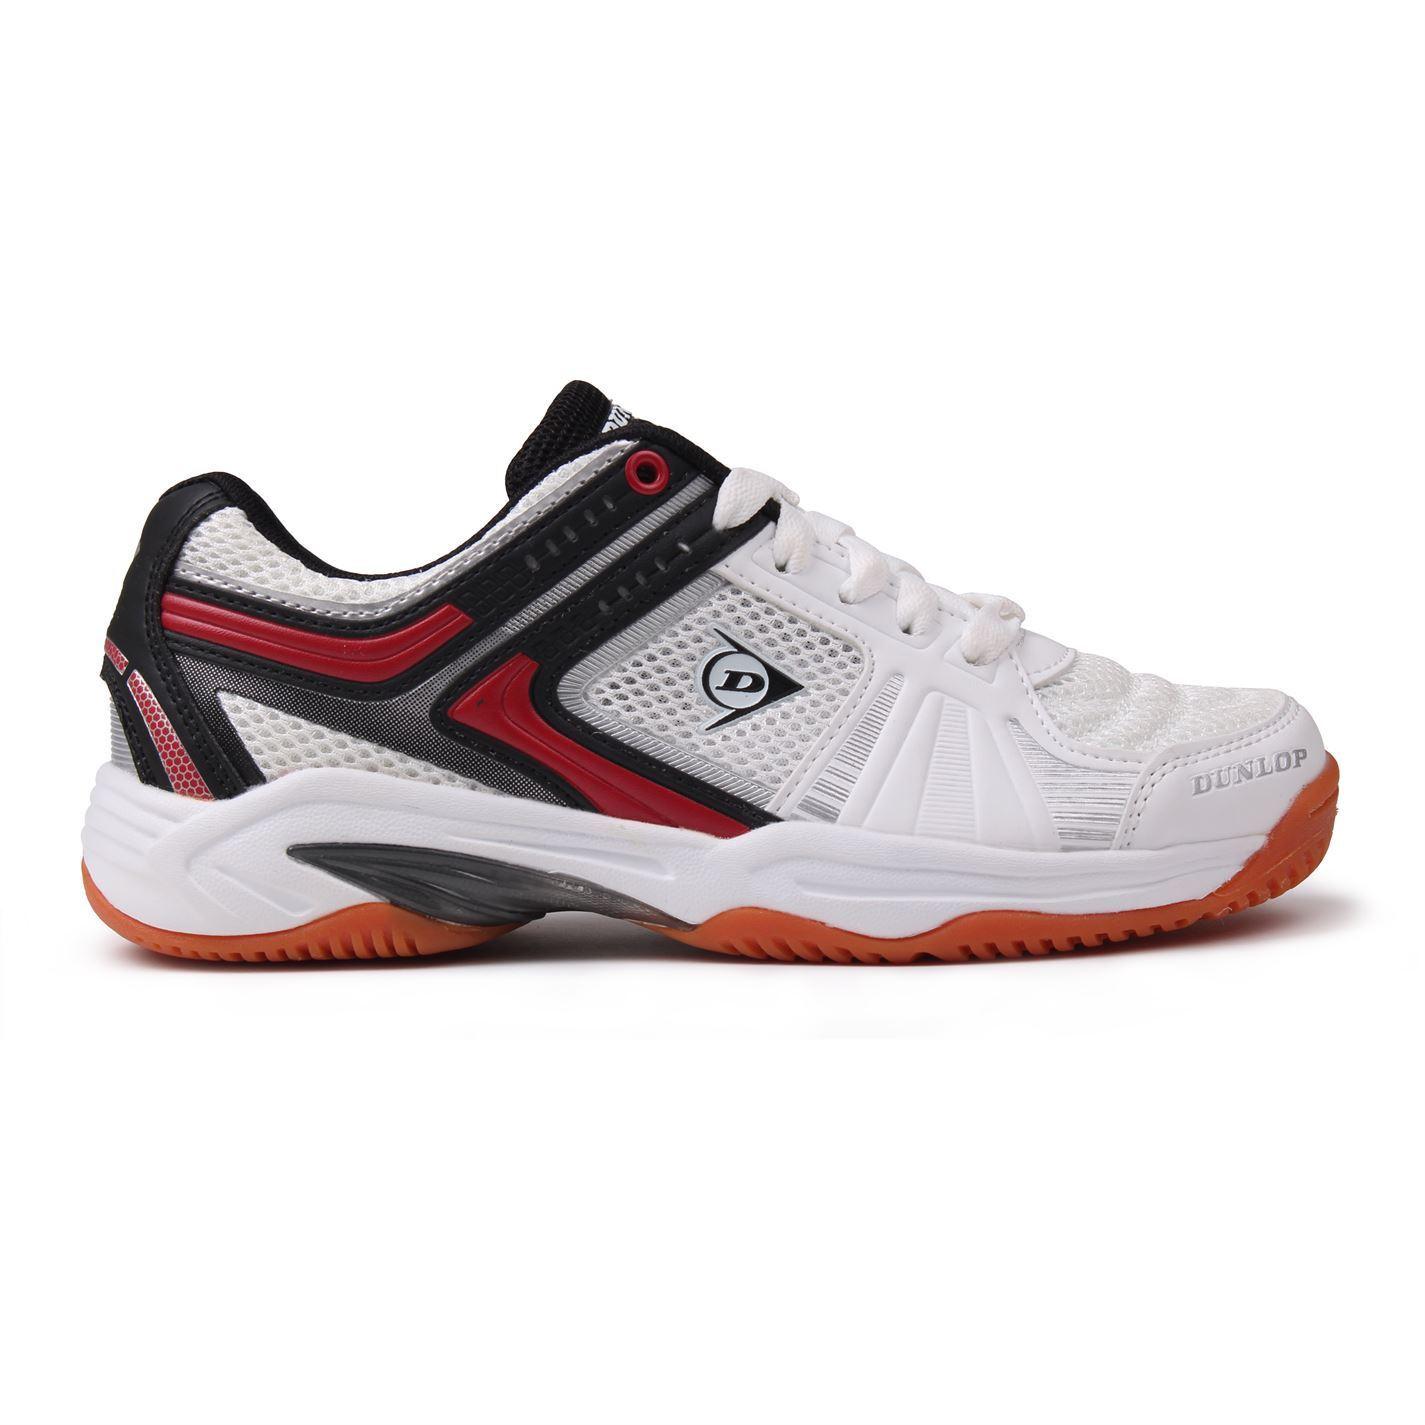 Hommes! s Boyes 'juniur portant la marque Dunlop Respirant Intérieur Cour Chaussures Baskets Sport